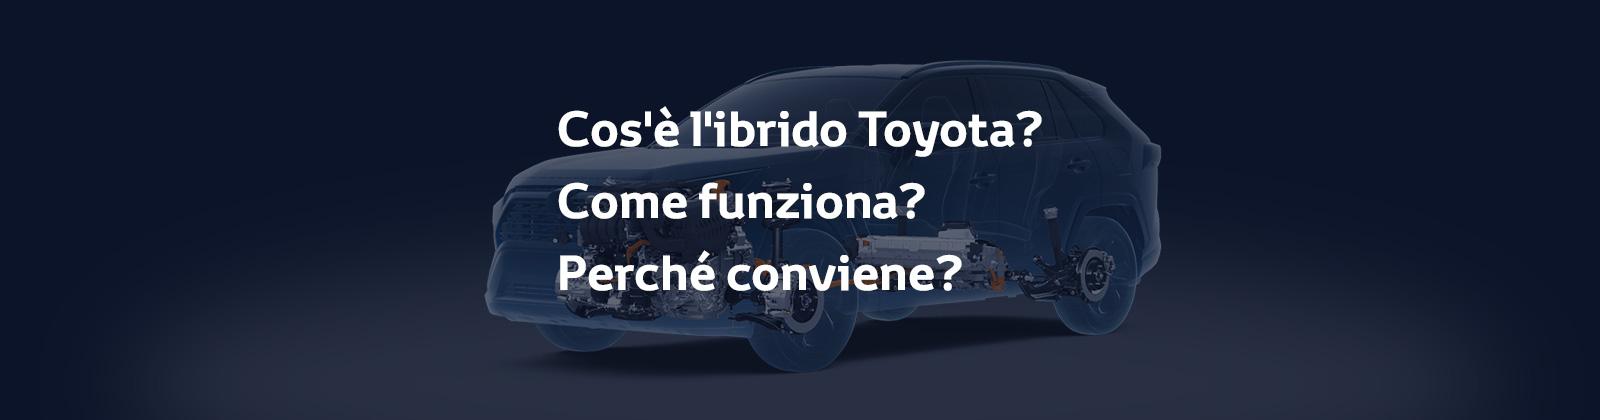 Cos'è l'ibrido Toyota? Come funziona? Perché conviene? (VIDEO)